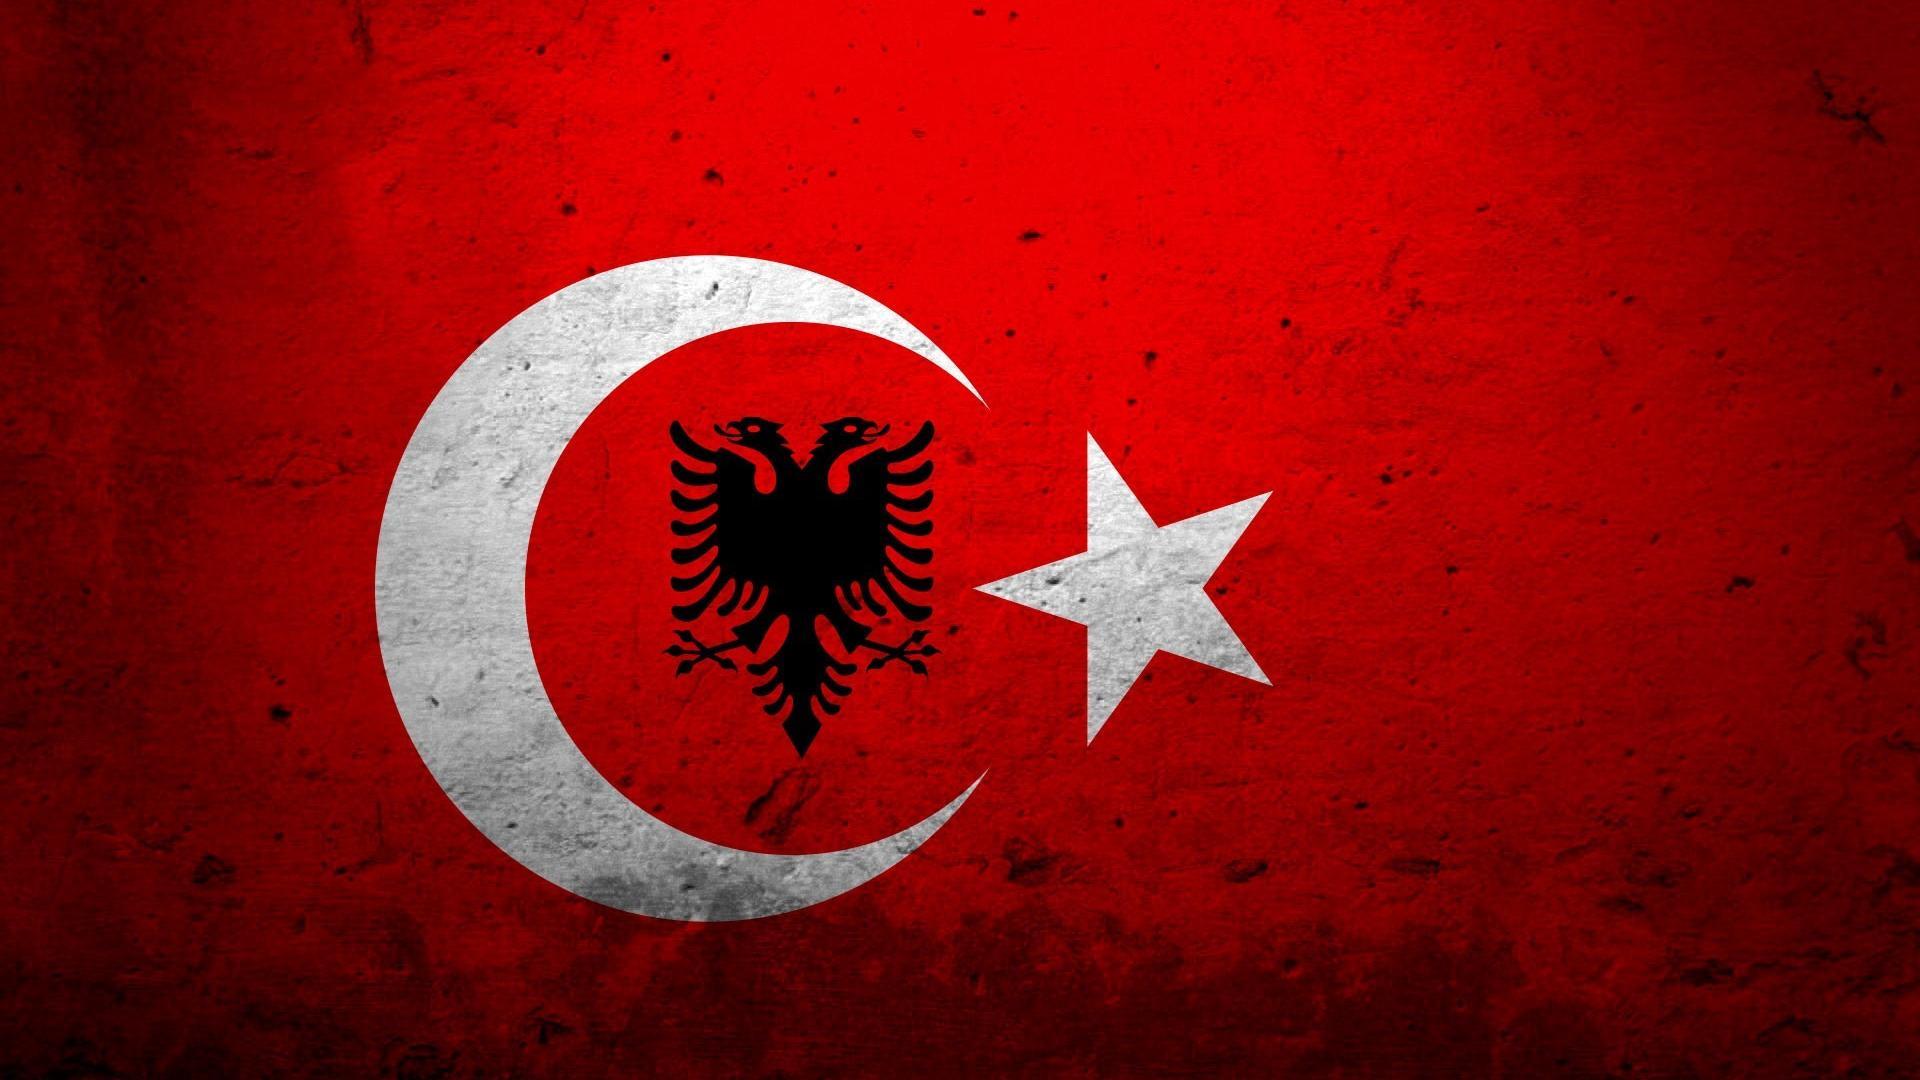 Αλέξανδρος Ζιούλης: Οι Αλβανοί δεν θα τηρήσουν τη συμφωνία για την ΑΟΖ – Τους καθοδηγούν οιΤούρκοι